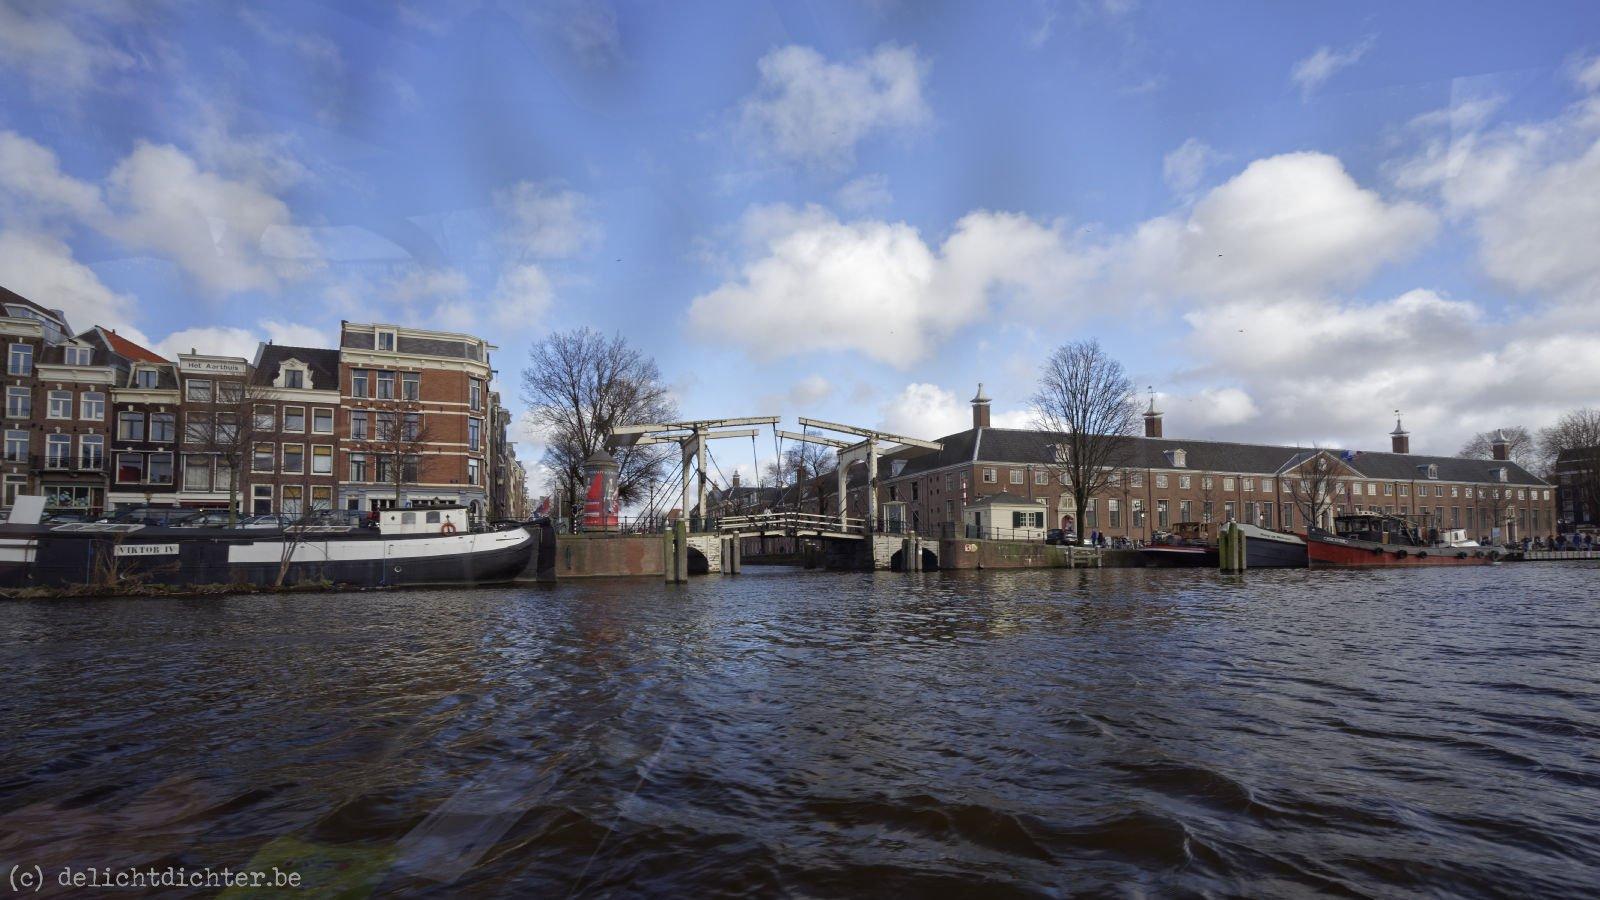 2017_03_Amsterdam_20170302_143935_DxO_v11_1600px